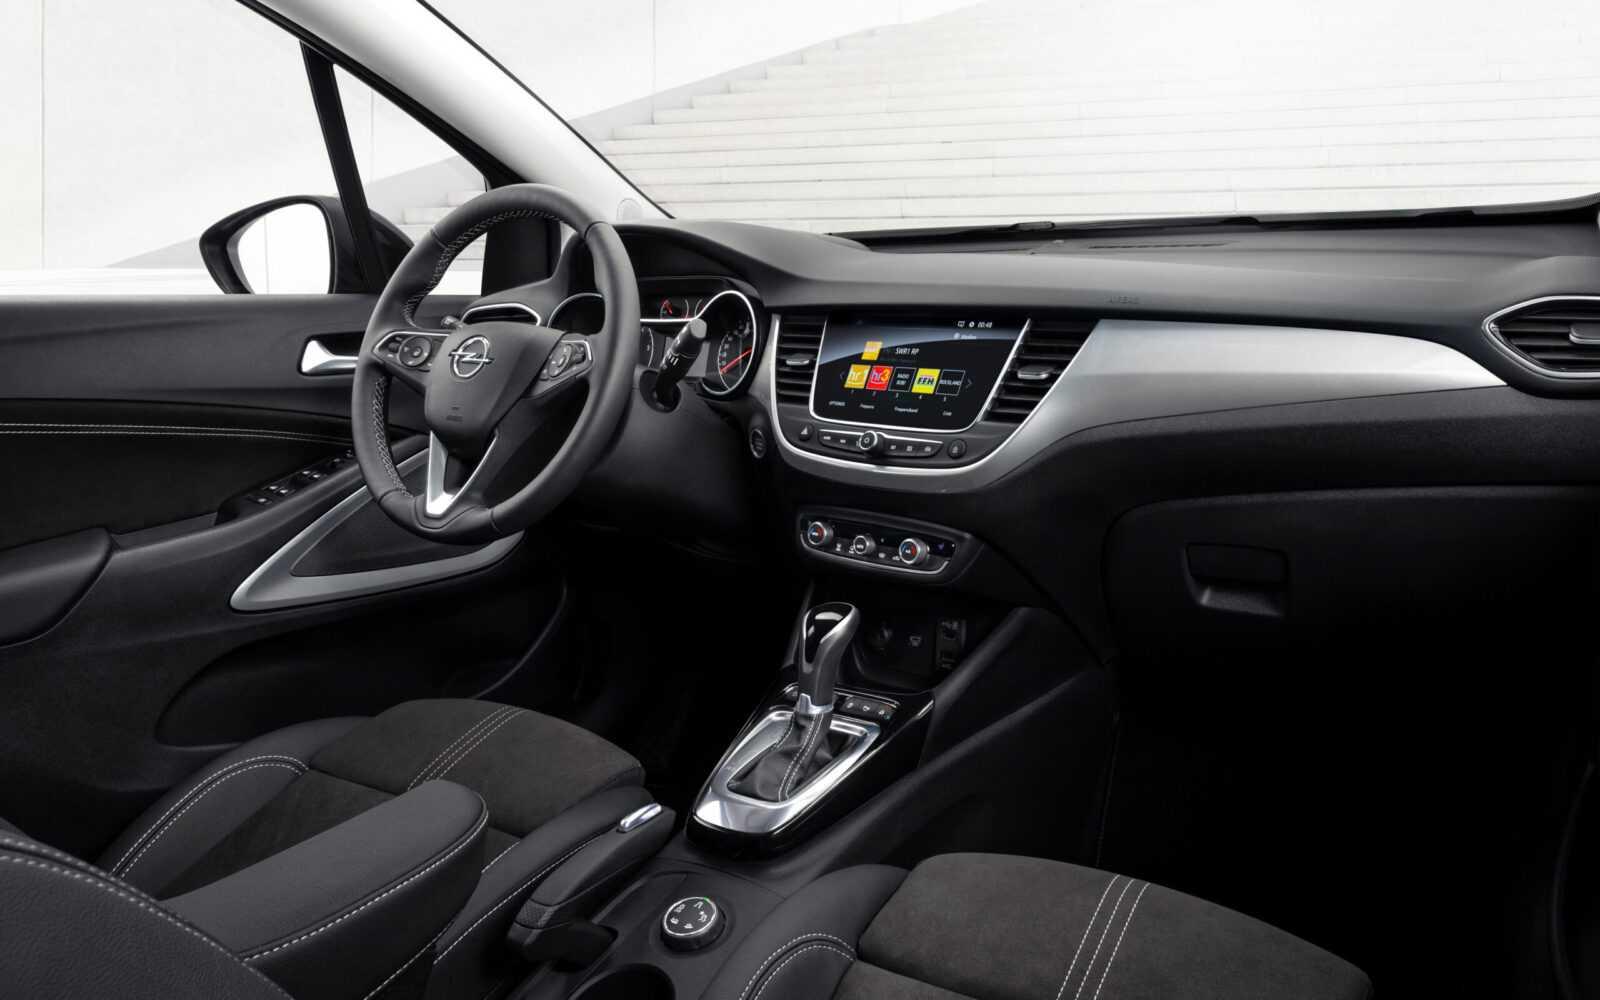 Opel объявляет старт продаж кроссовера Opel Crossland в России (opel crossland 7 scaled)